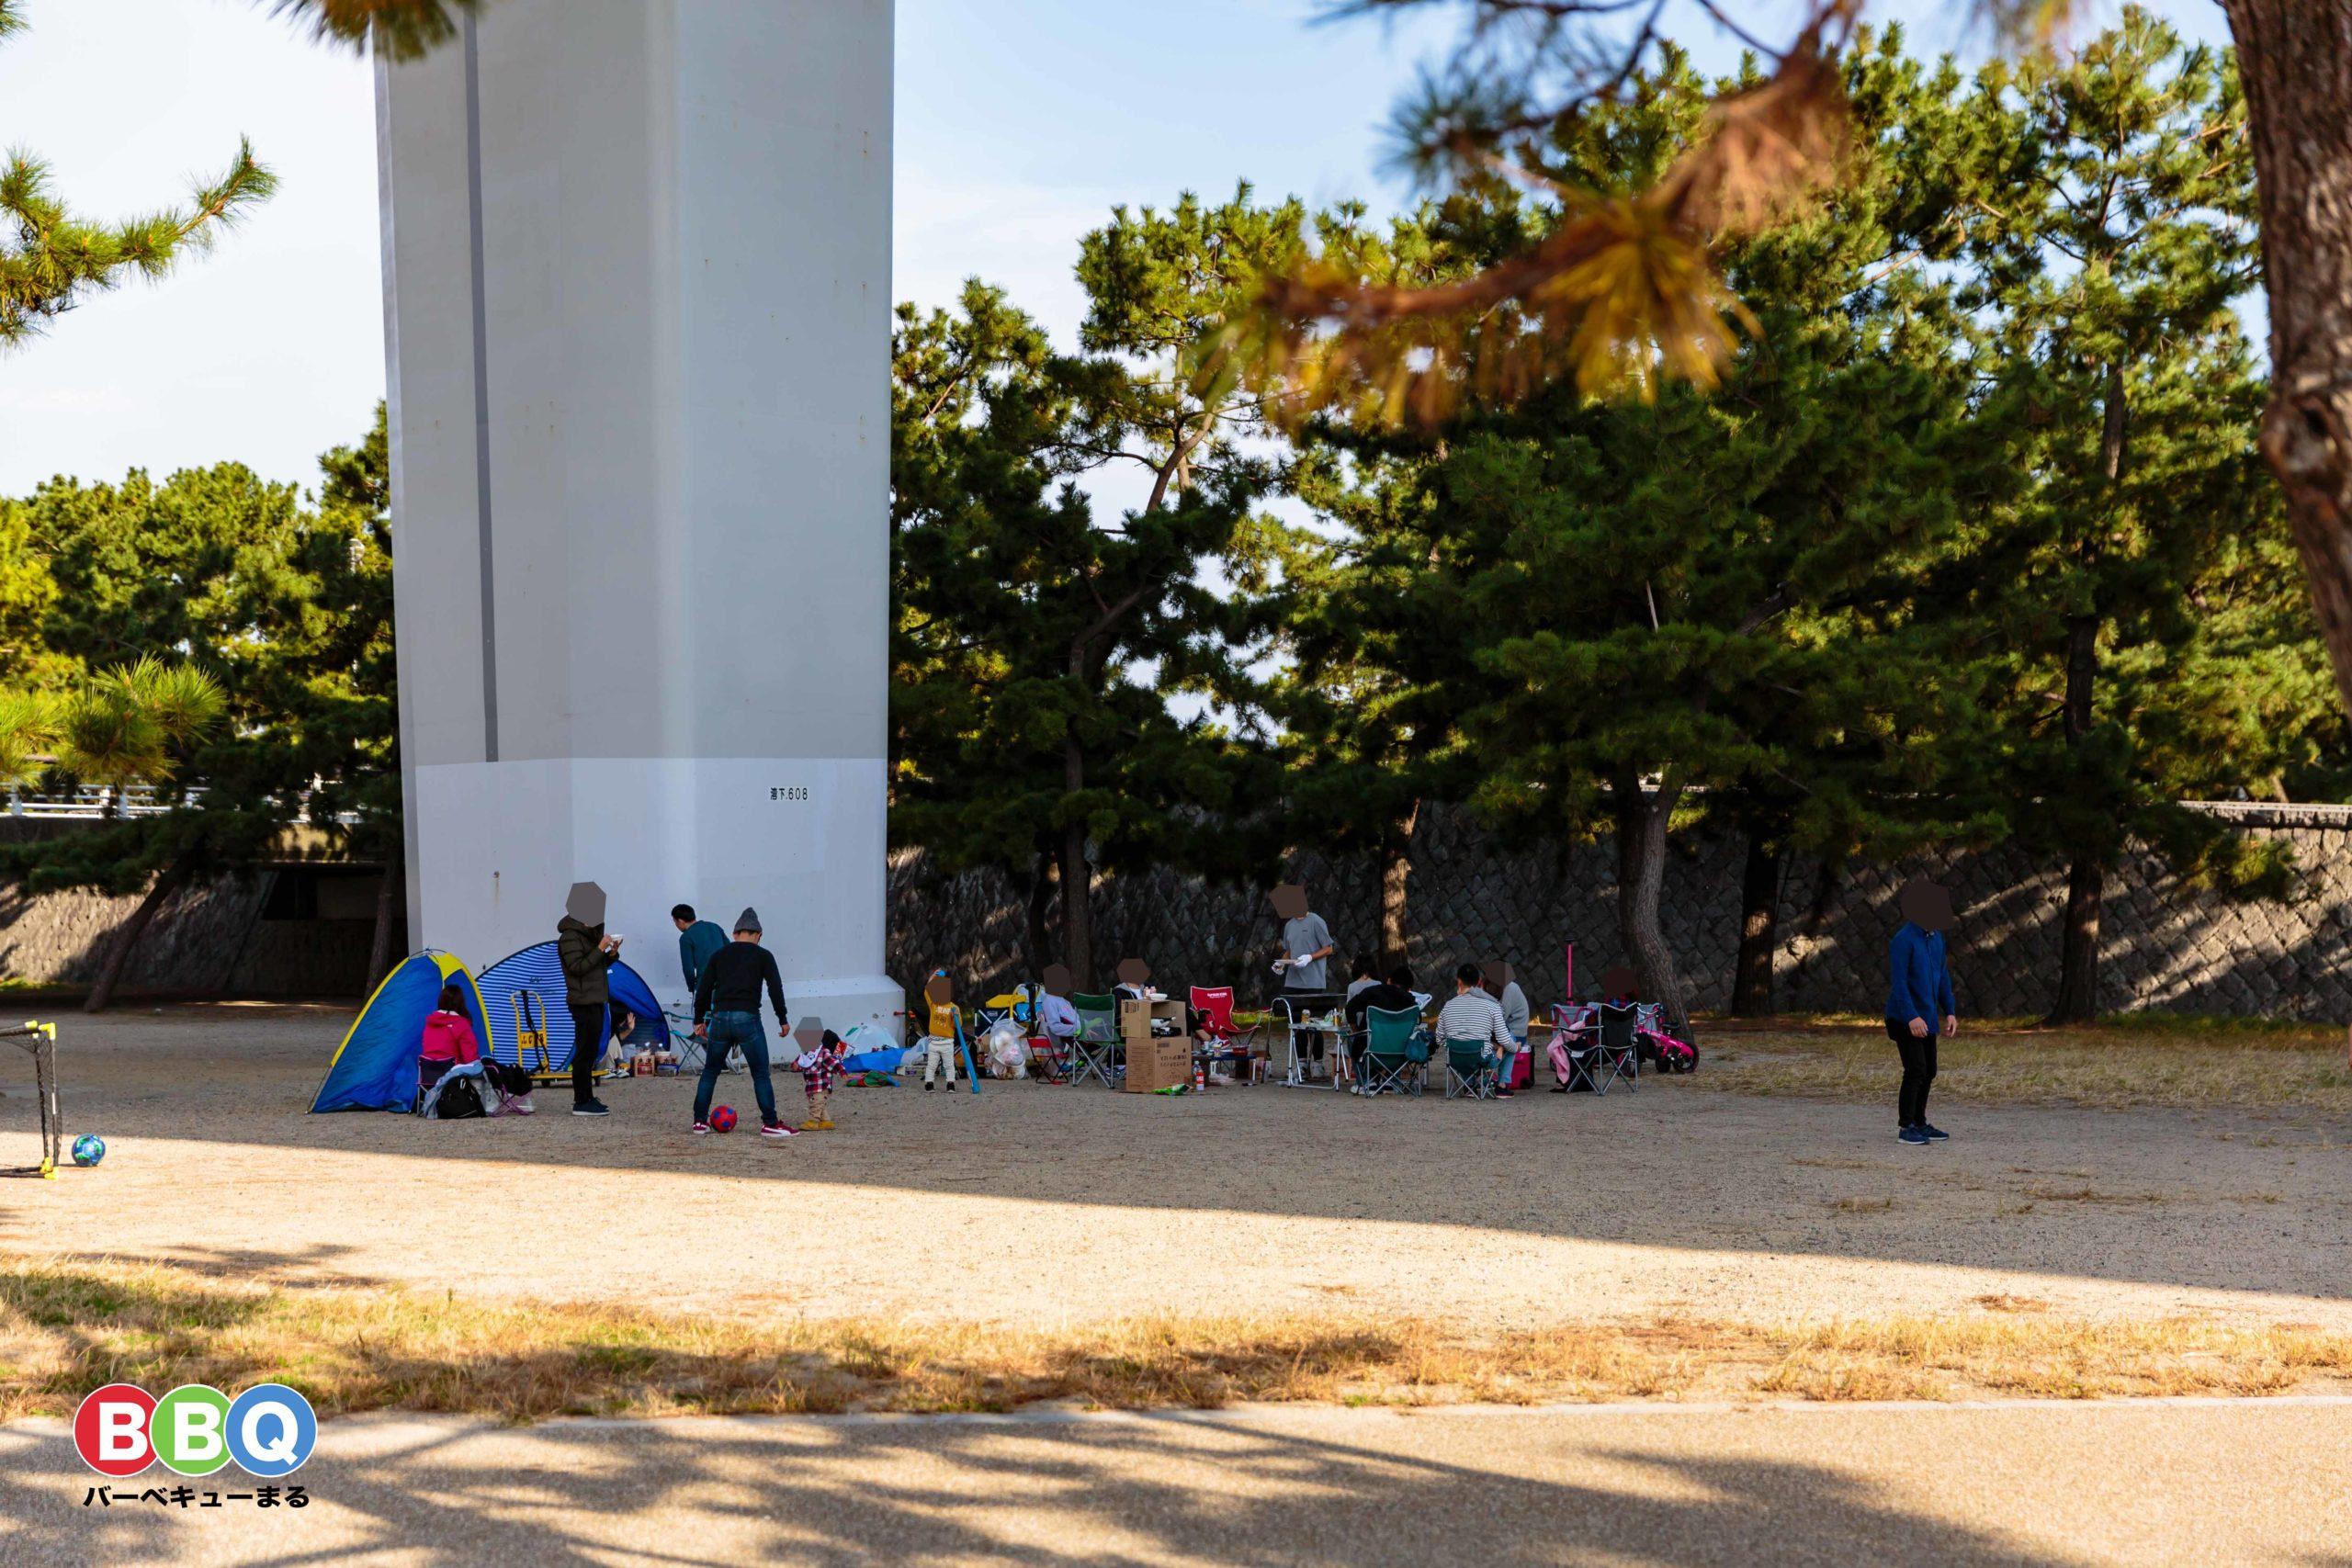 二色の浜公園沢地区無料BBQ可能区域でBBQをする人たち